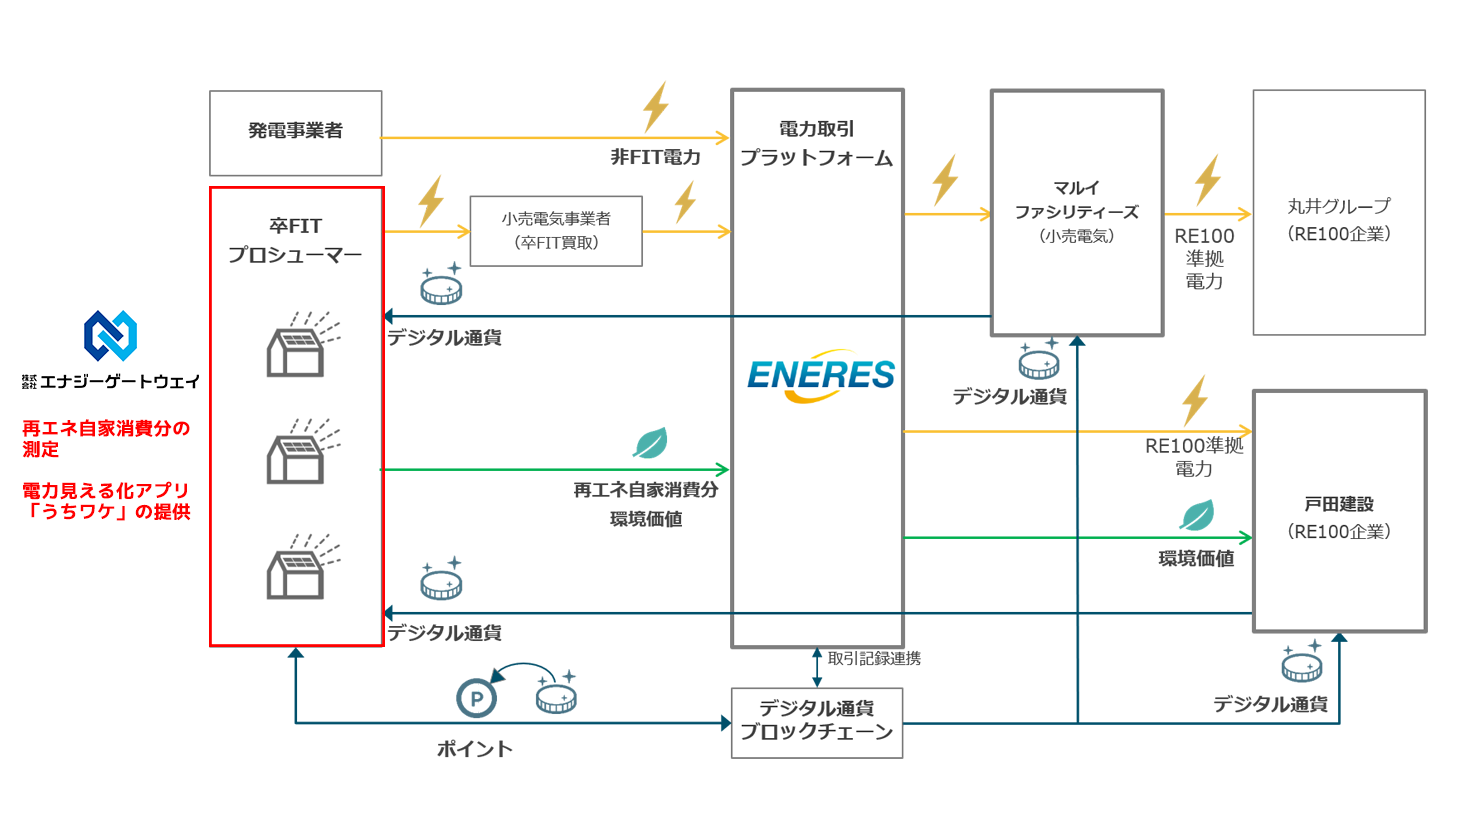 図1_v2.png